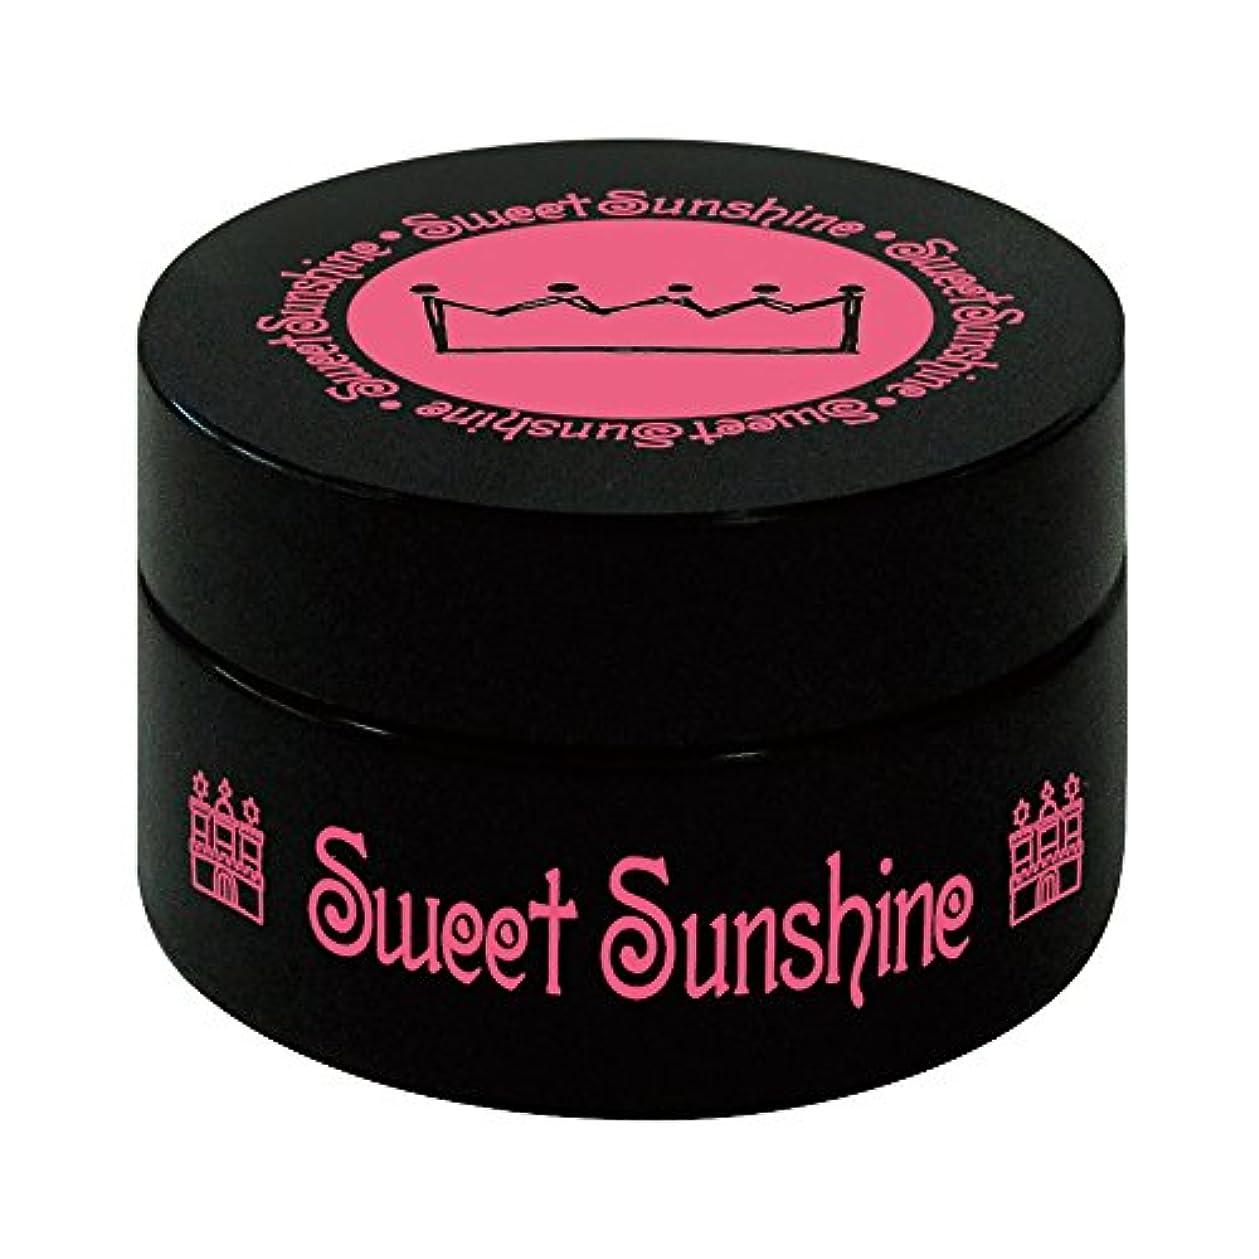 ペグ侵入ブレース最速硬化LED対応 Sweet Sunshine スィート サンシャイン カラージェル SC-5 4g サンシャインビーチレッド